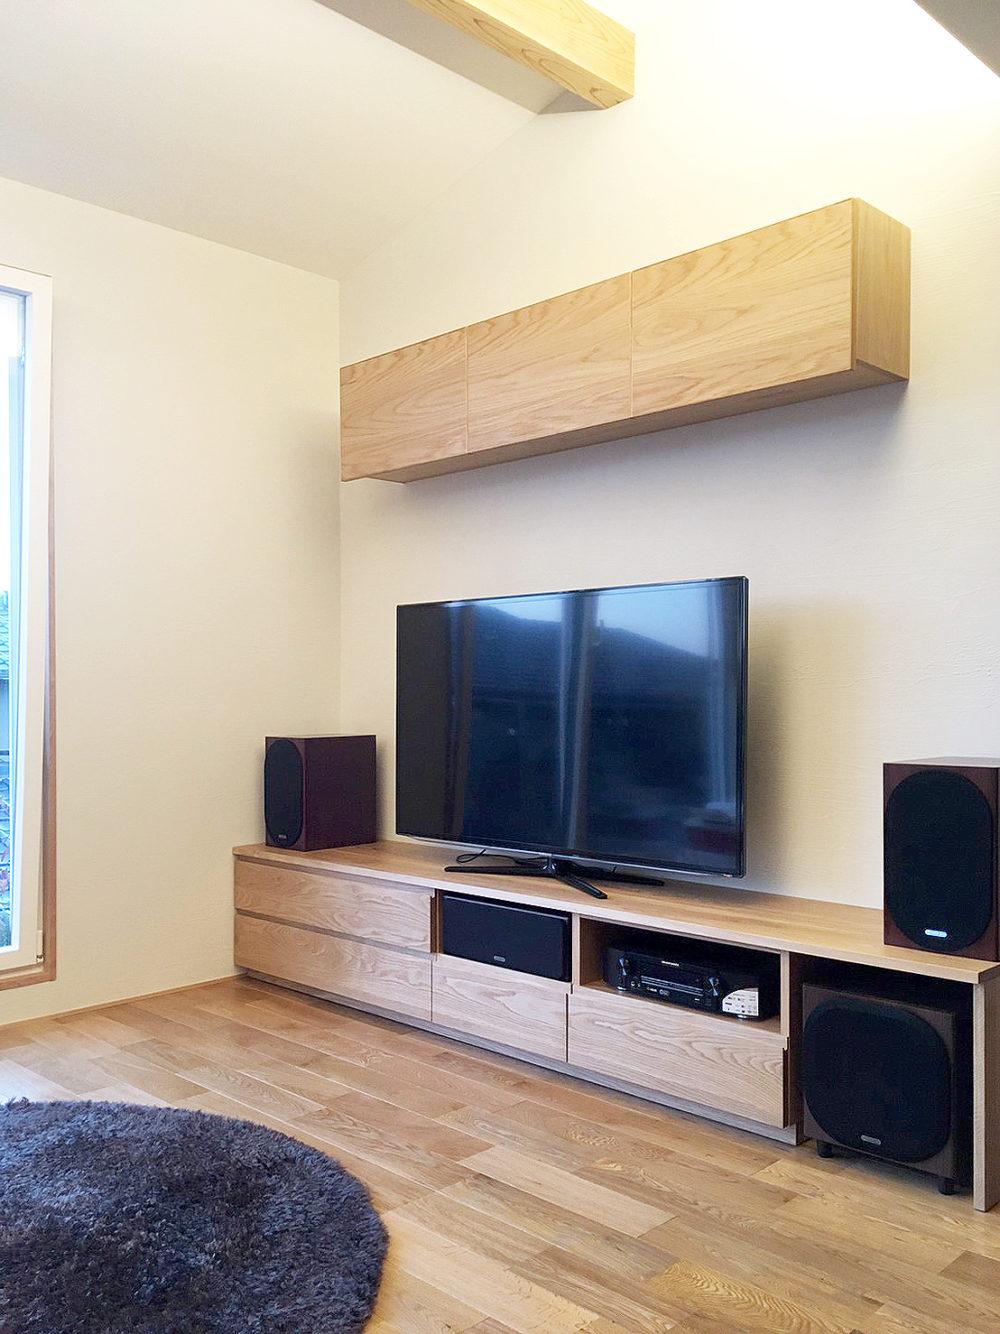 オーダー家具・カップボード食器棚/関西・神戸